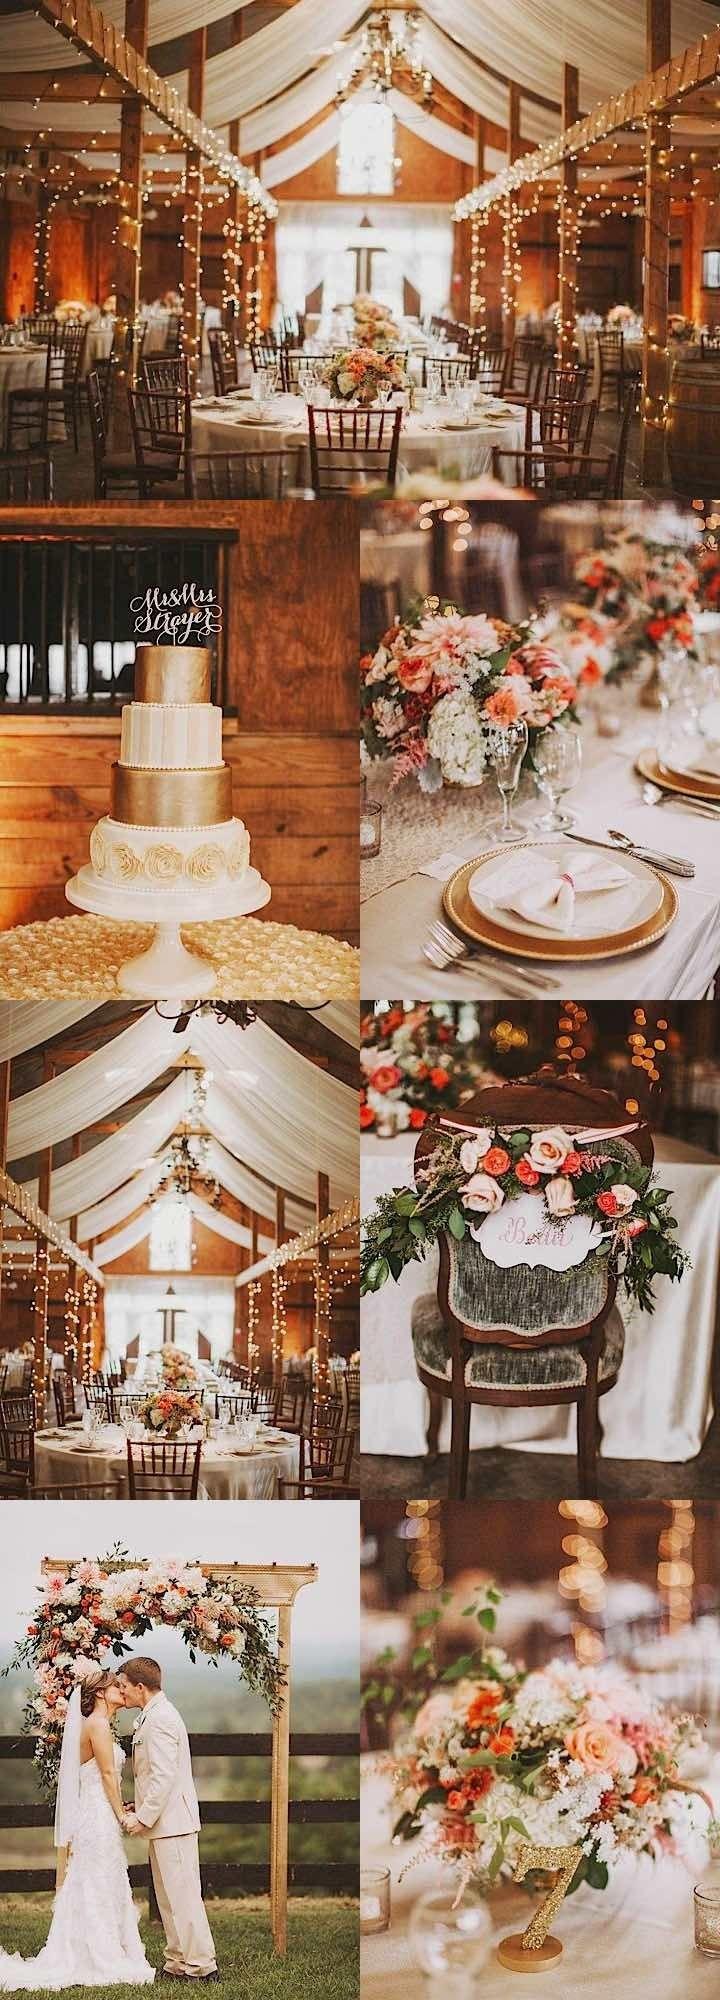 Charming Vintage Decor Totally Transforms Virginia Wedding Venue Modwedding